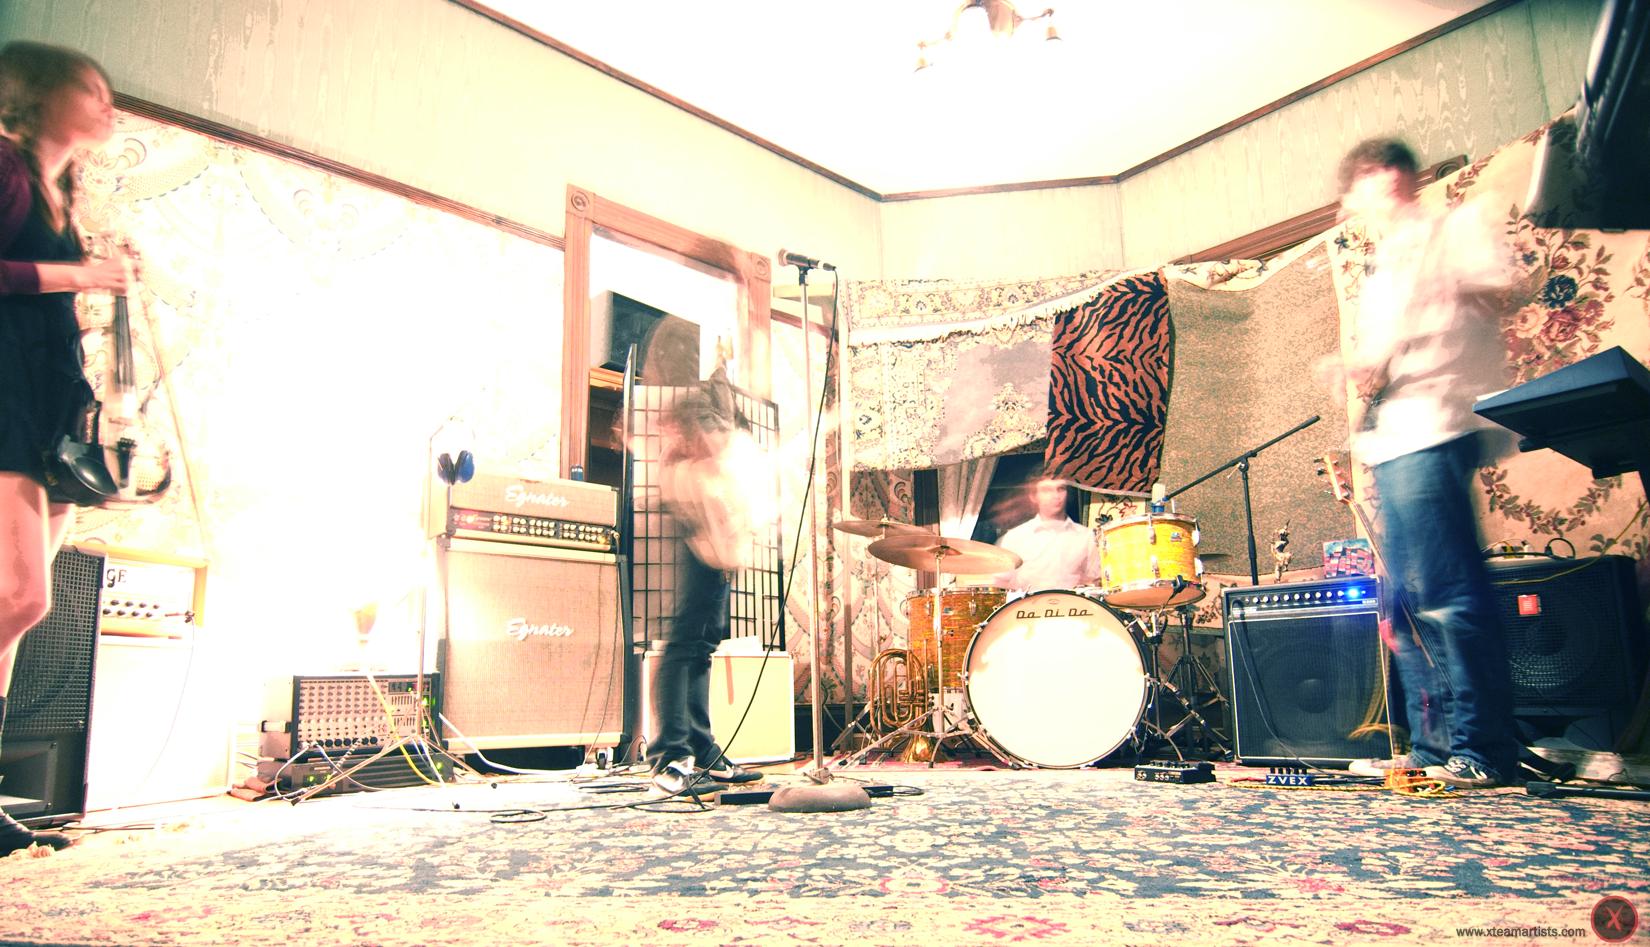 Da Di Da playing at The Treehouse